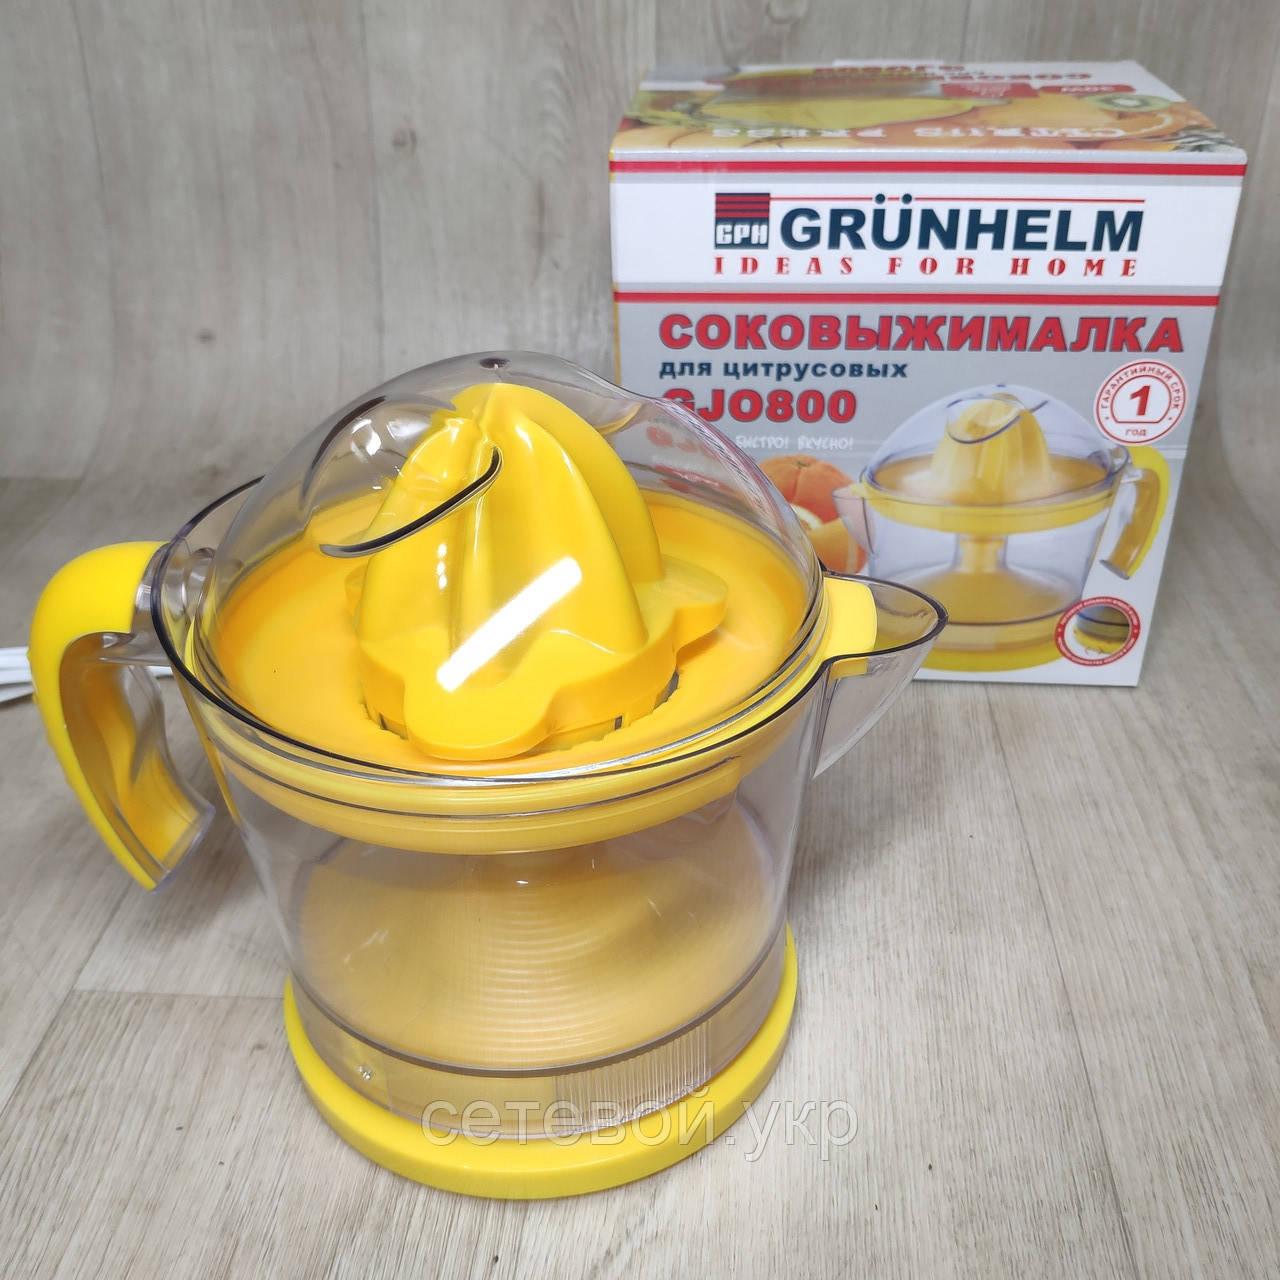 Электрическая соковыжималка для цитрусовых Grunhelm GJO800